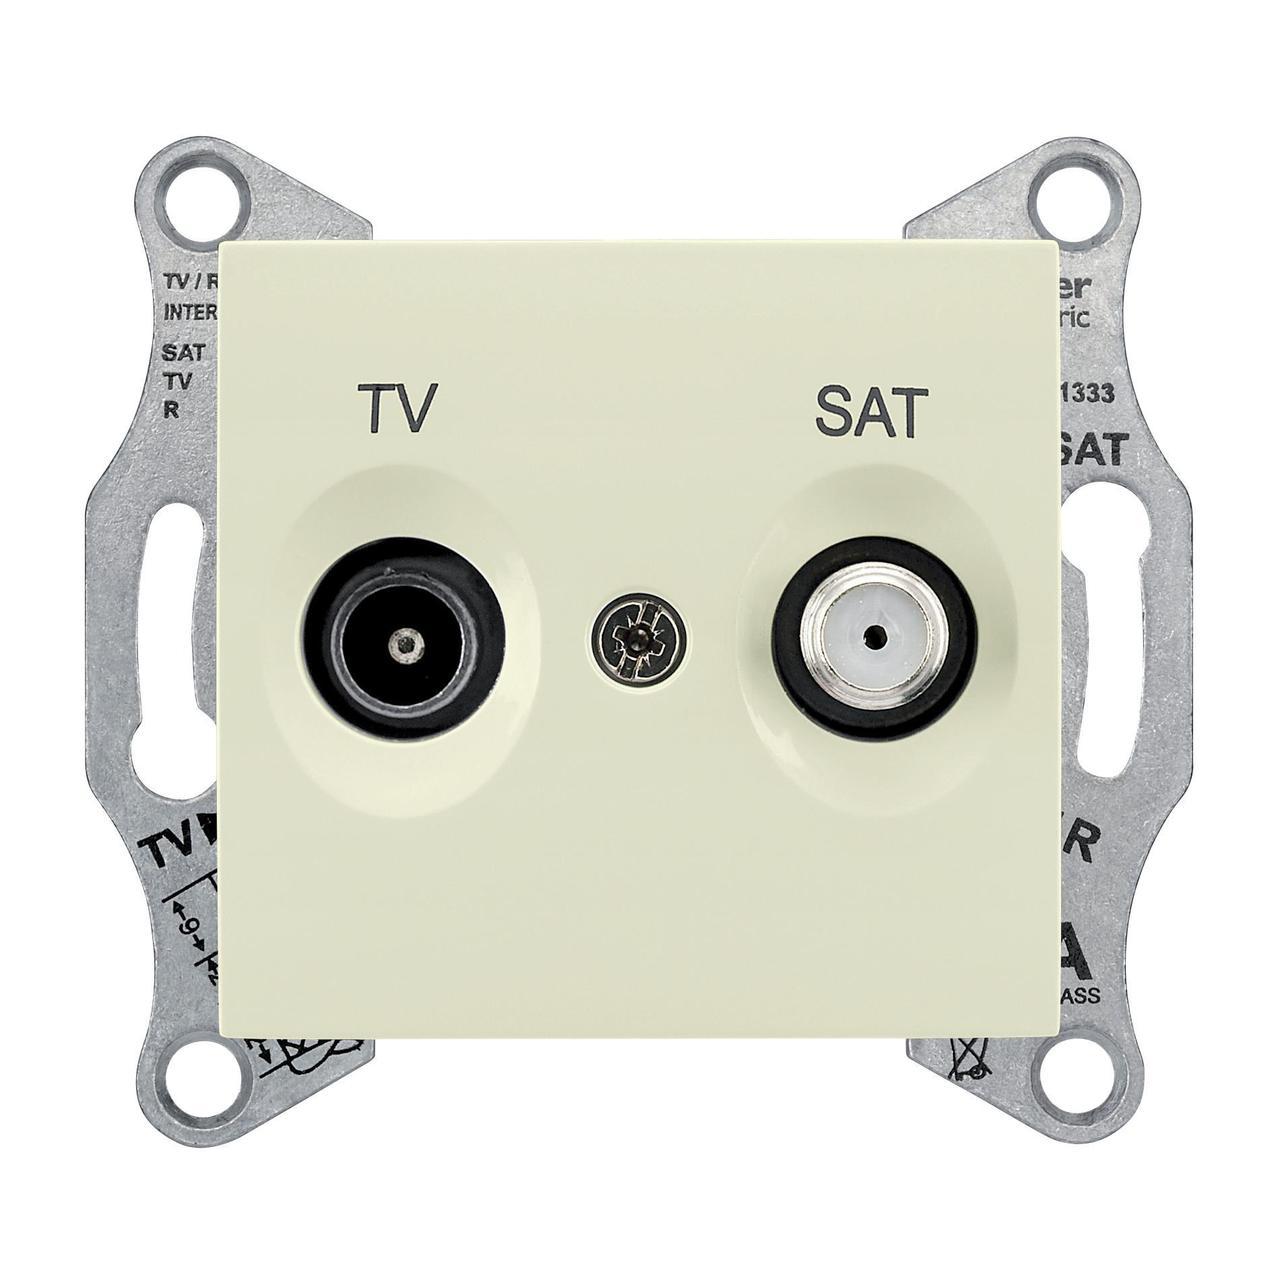 Розетка телевизионная оконечная ТV-SAT , Бежевый, серия Sedna, Schneider Electric